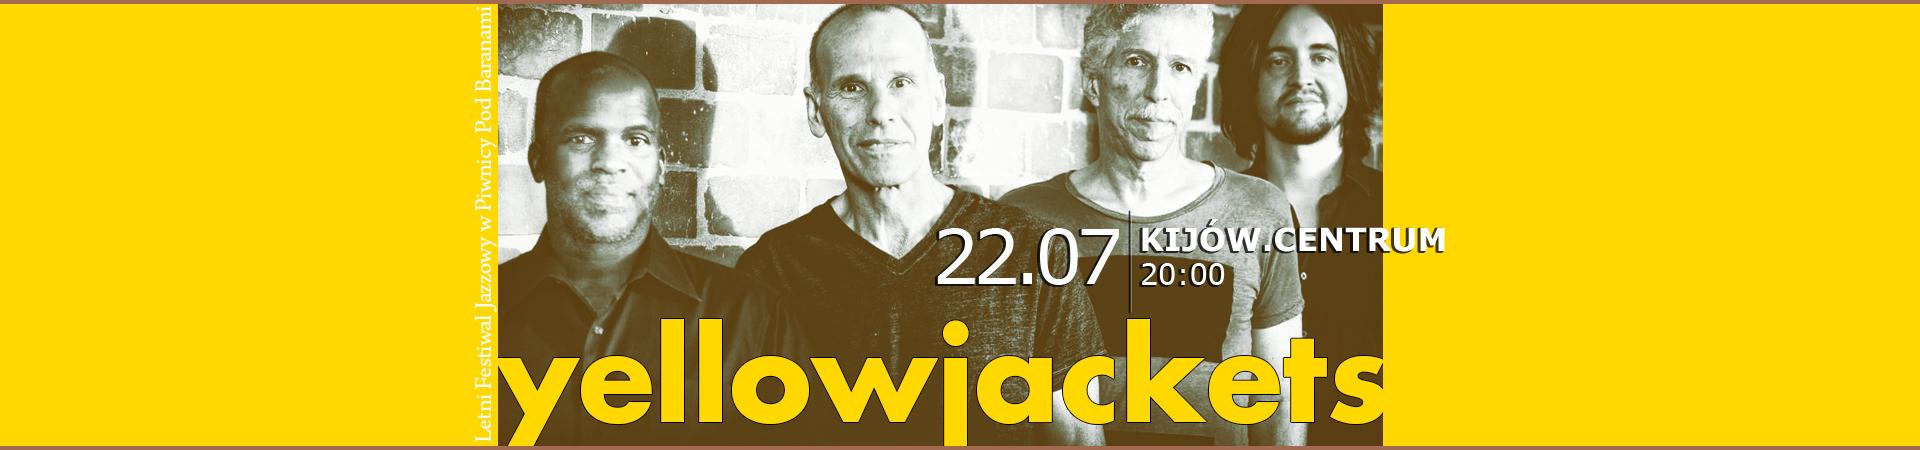 yellowjackets po raz pierwszy w Krakowie